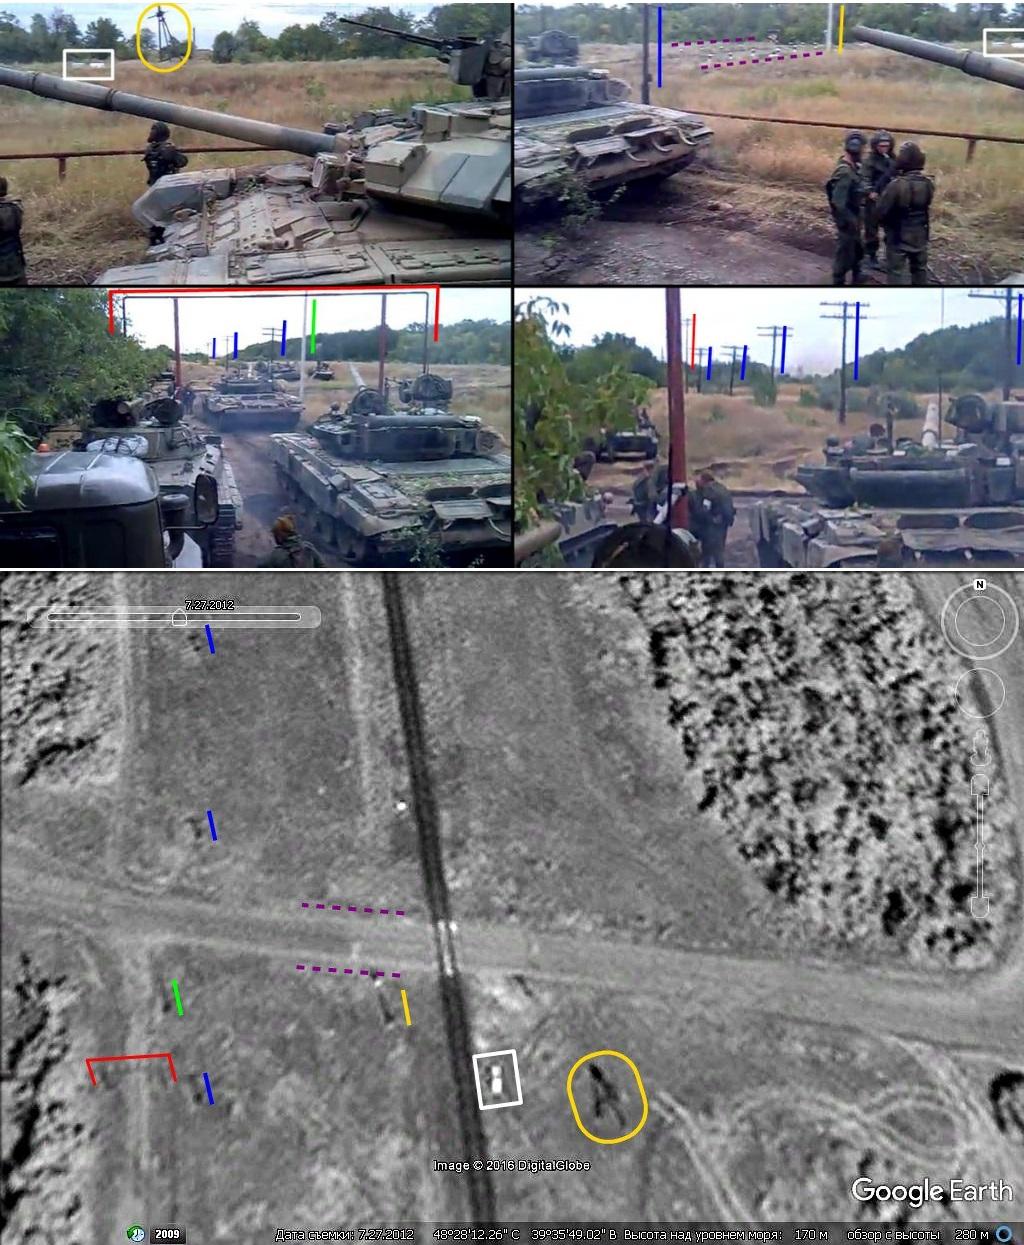 L'invasion Russe en Ukraine - Page 5 1492674000-4261